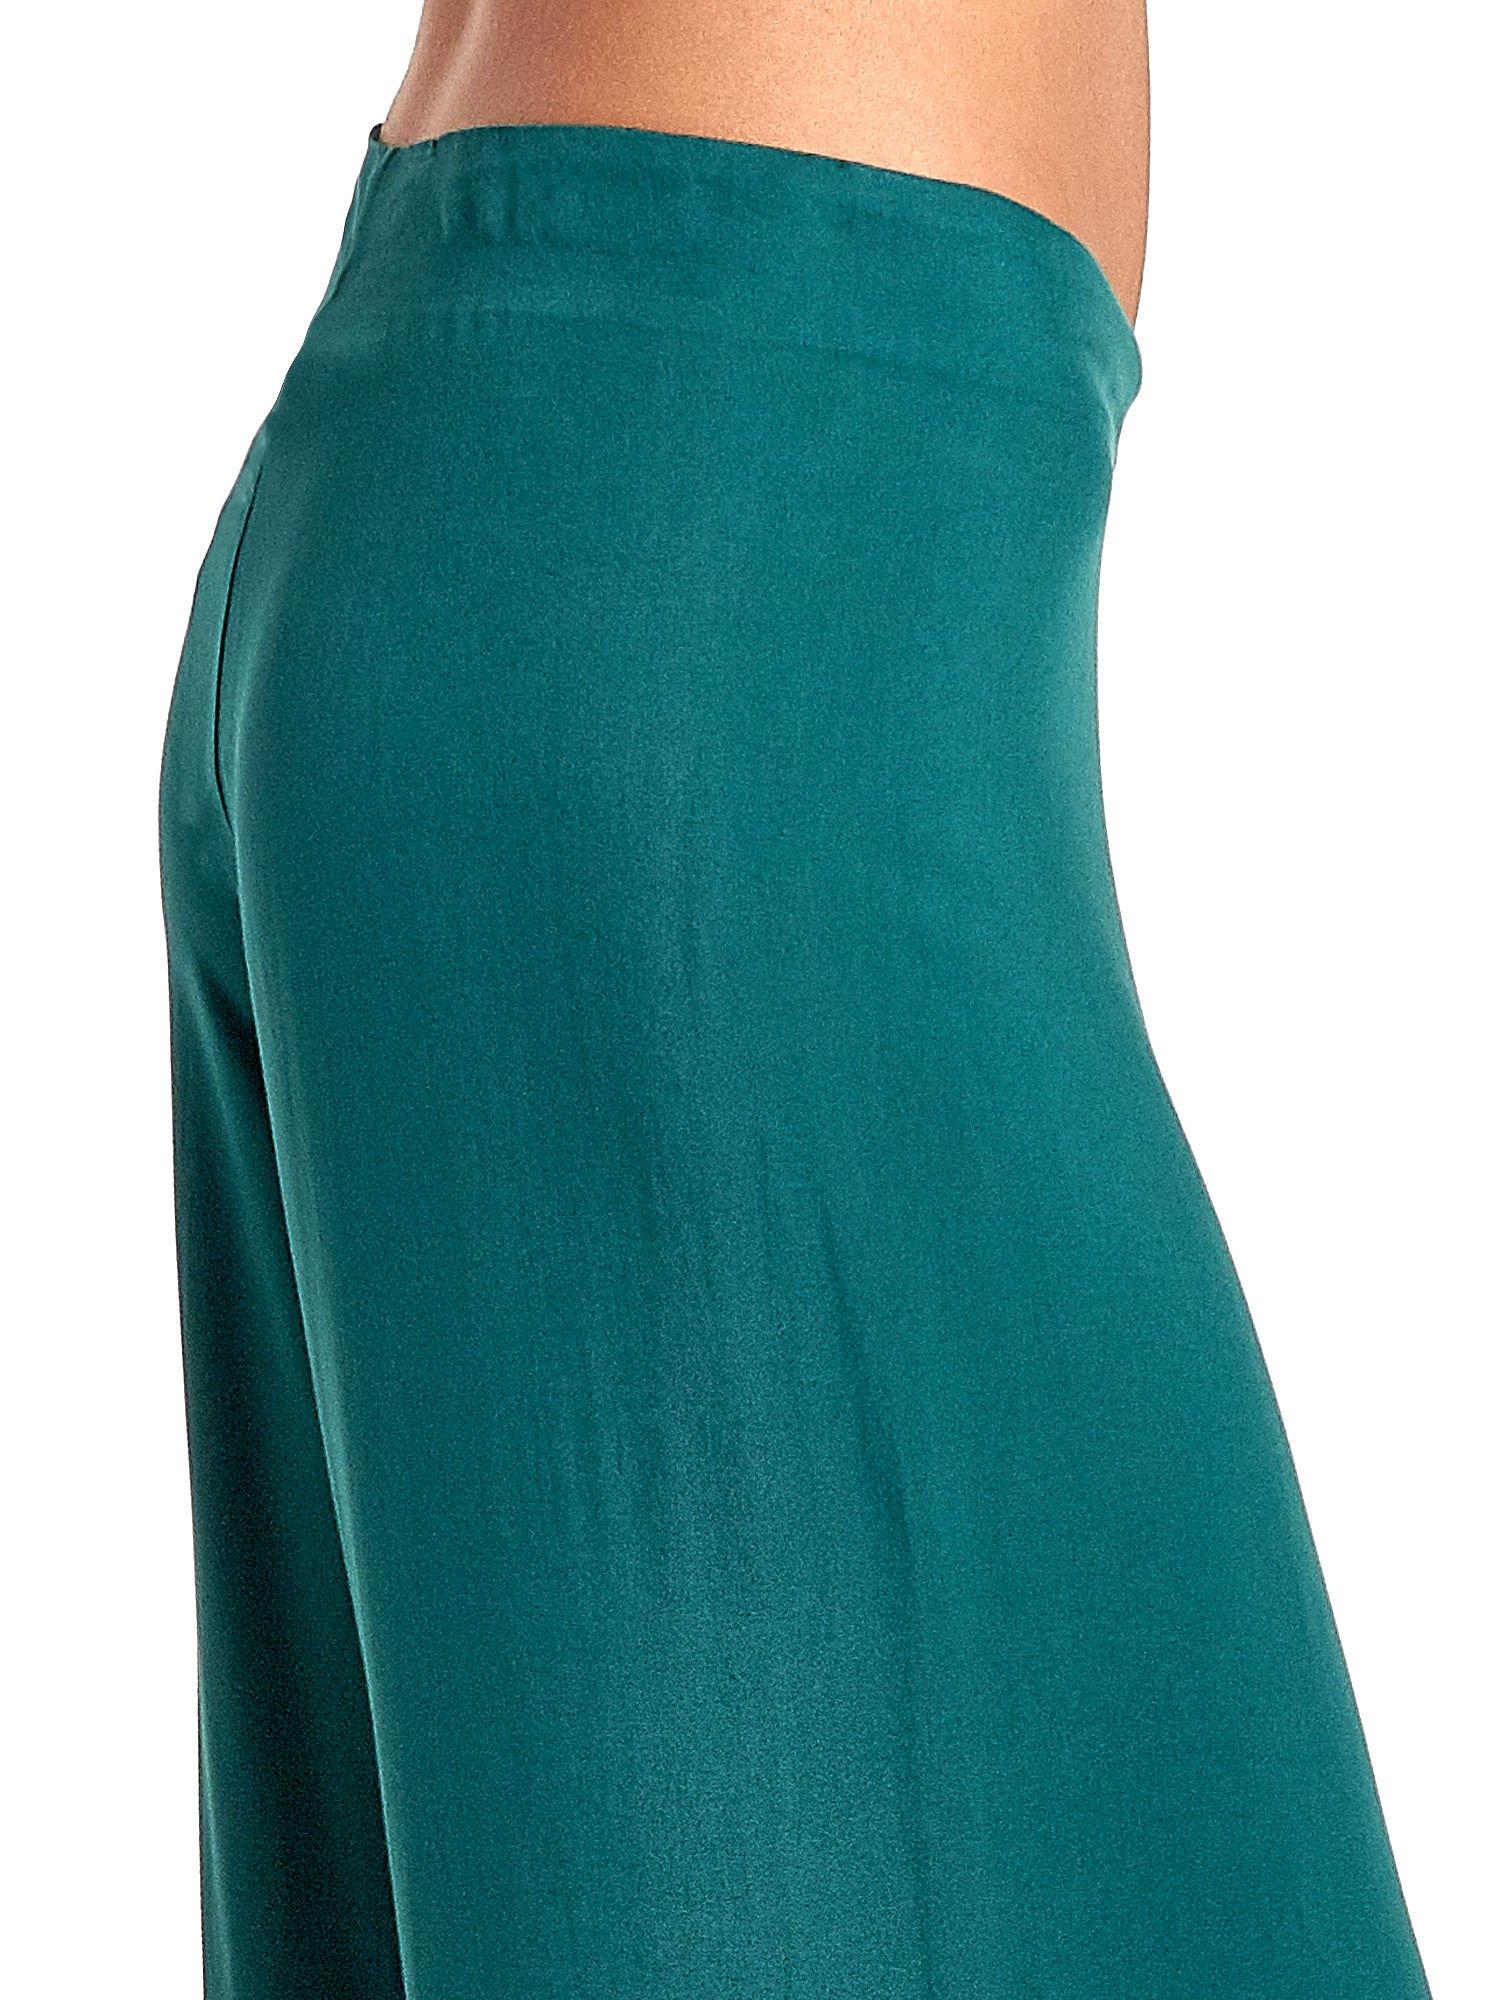 Zielone zwiewne spodnie typu palazzo                                  zdj.                                  6